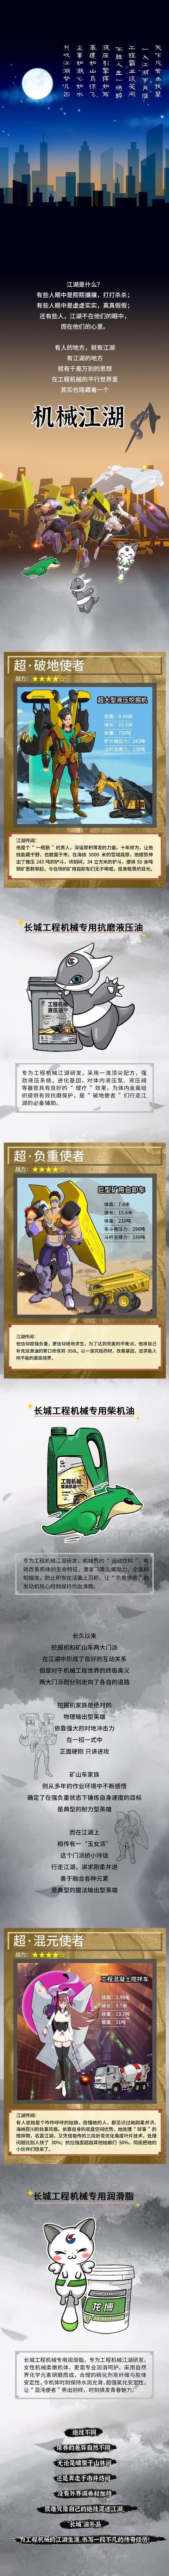 """中国石化长城润滑油,圆了工程机械的""""江湖梦""""?"""